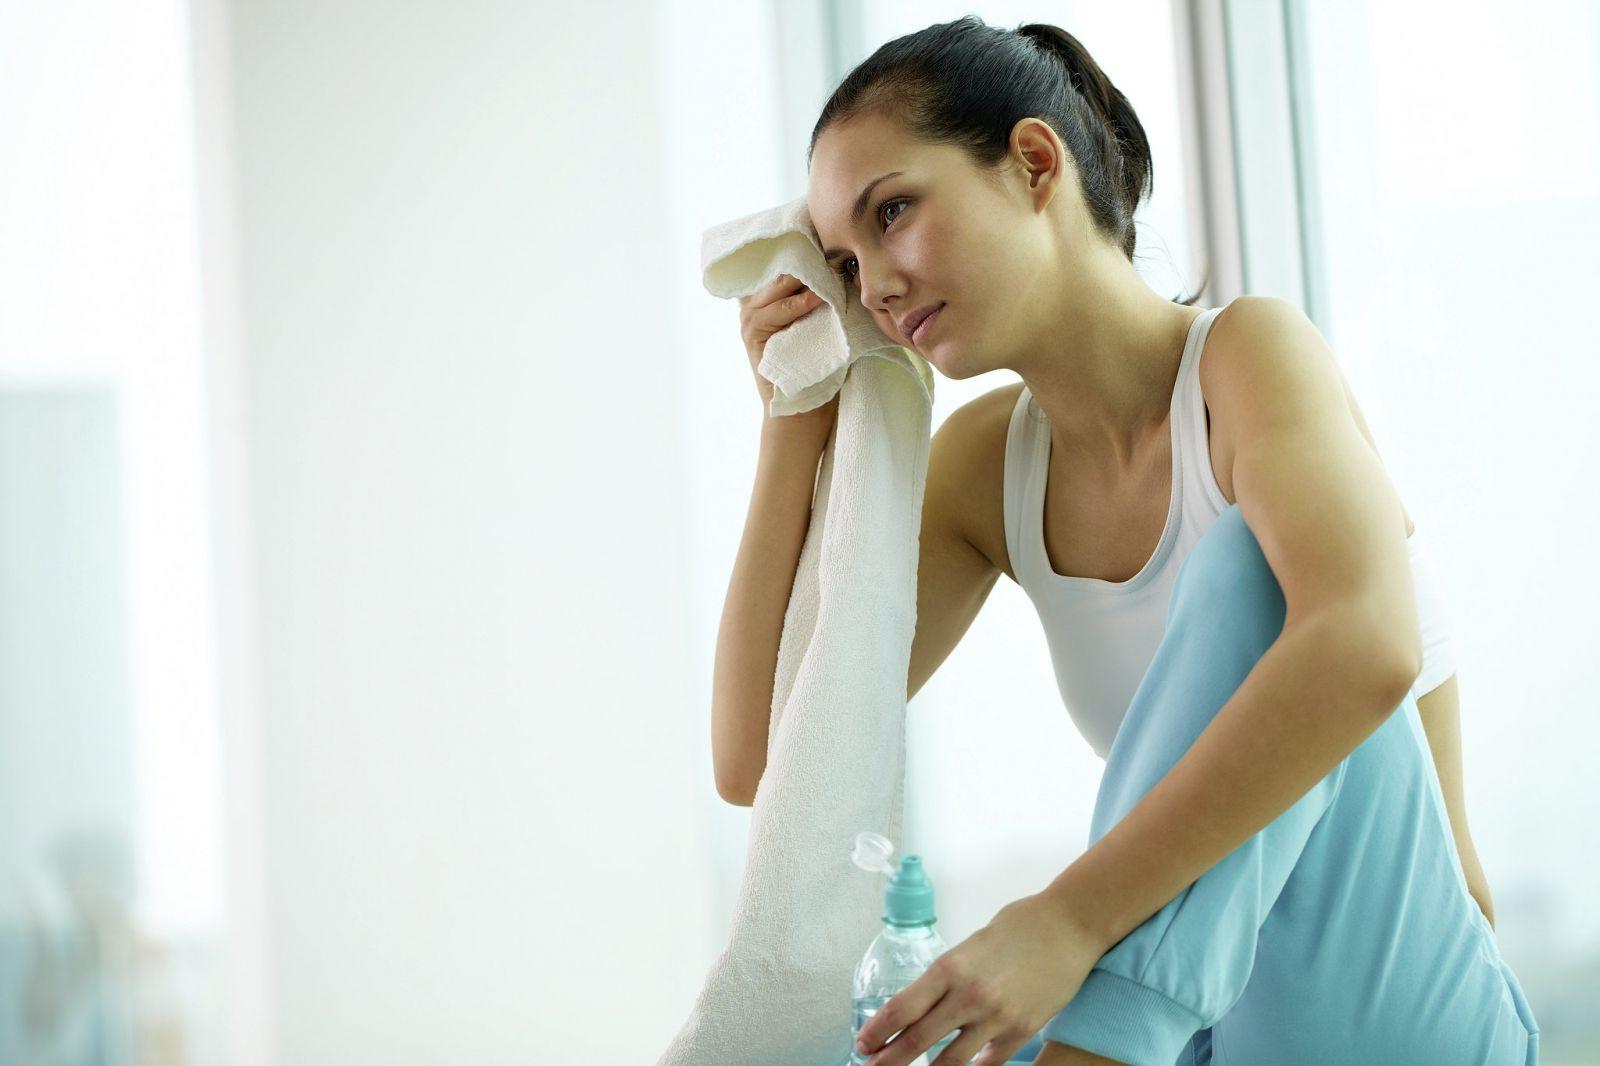 Бросает в жар во время месячных: причины и способы, как облегчить состояние женщины